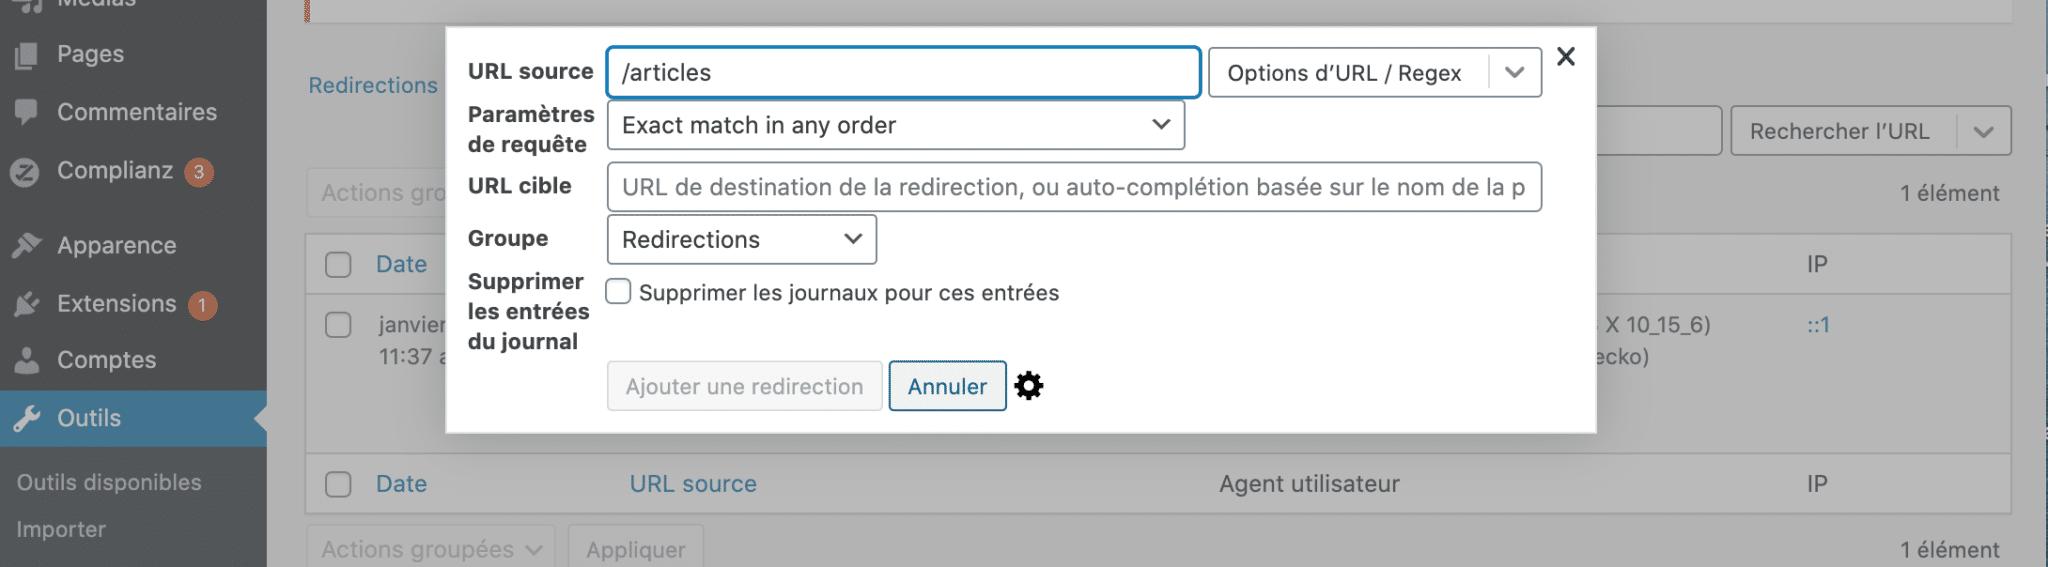 14. Redirection Erreur 404